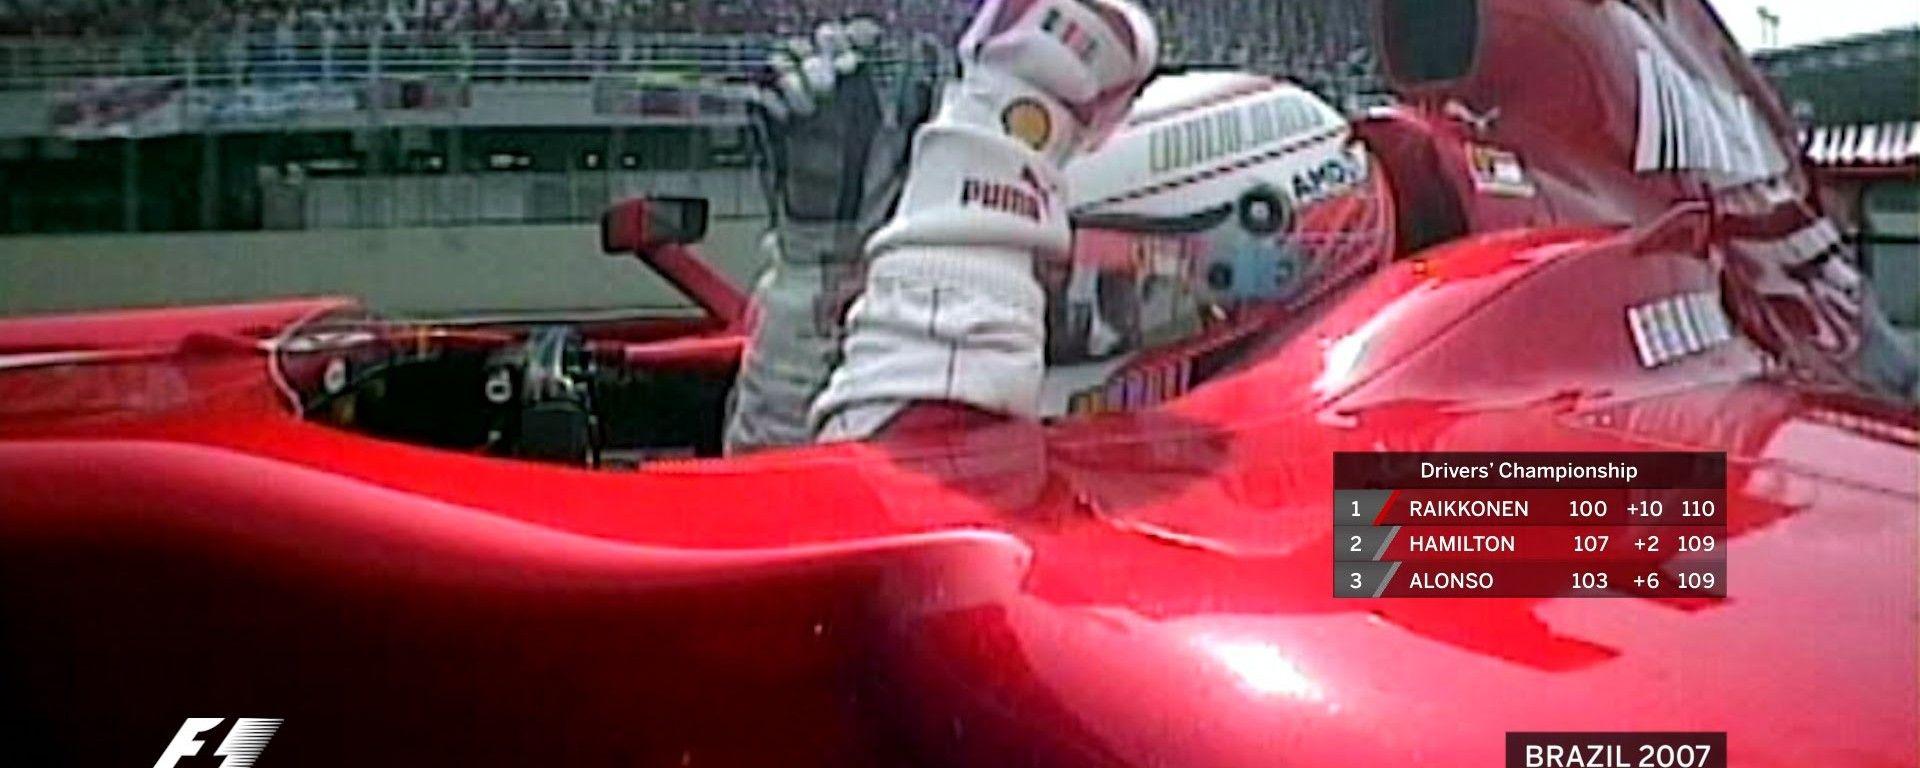 Kimi Raikkonen - la vittoria al GP del Brasile 2007